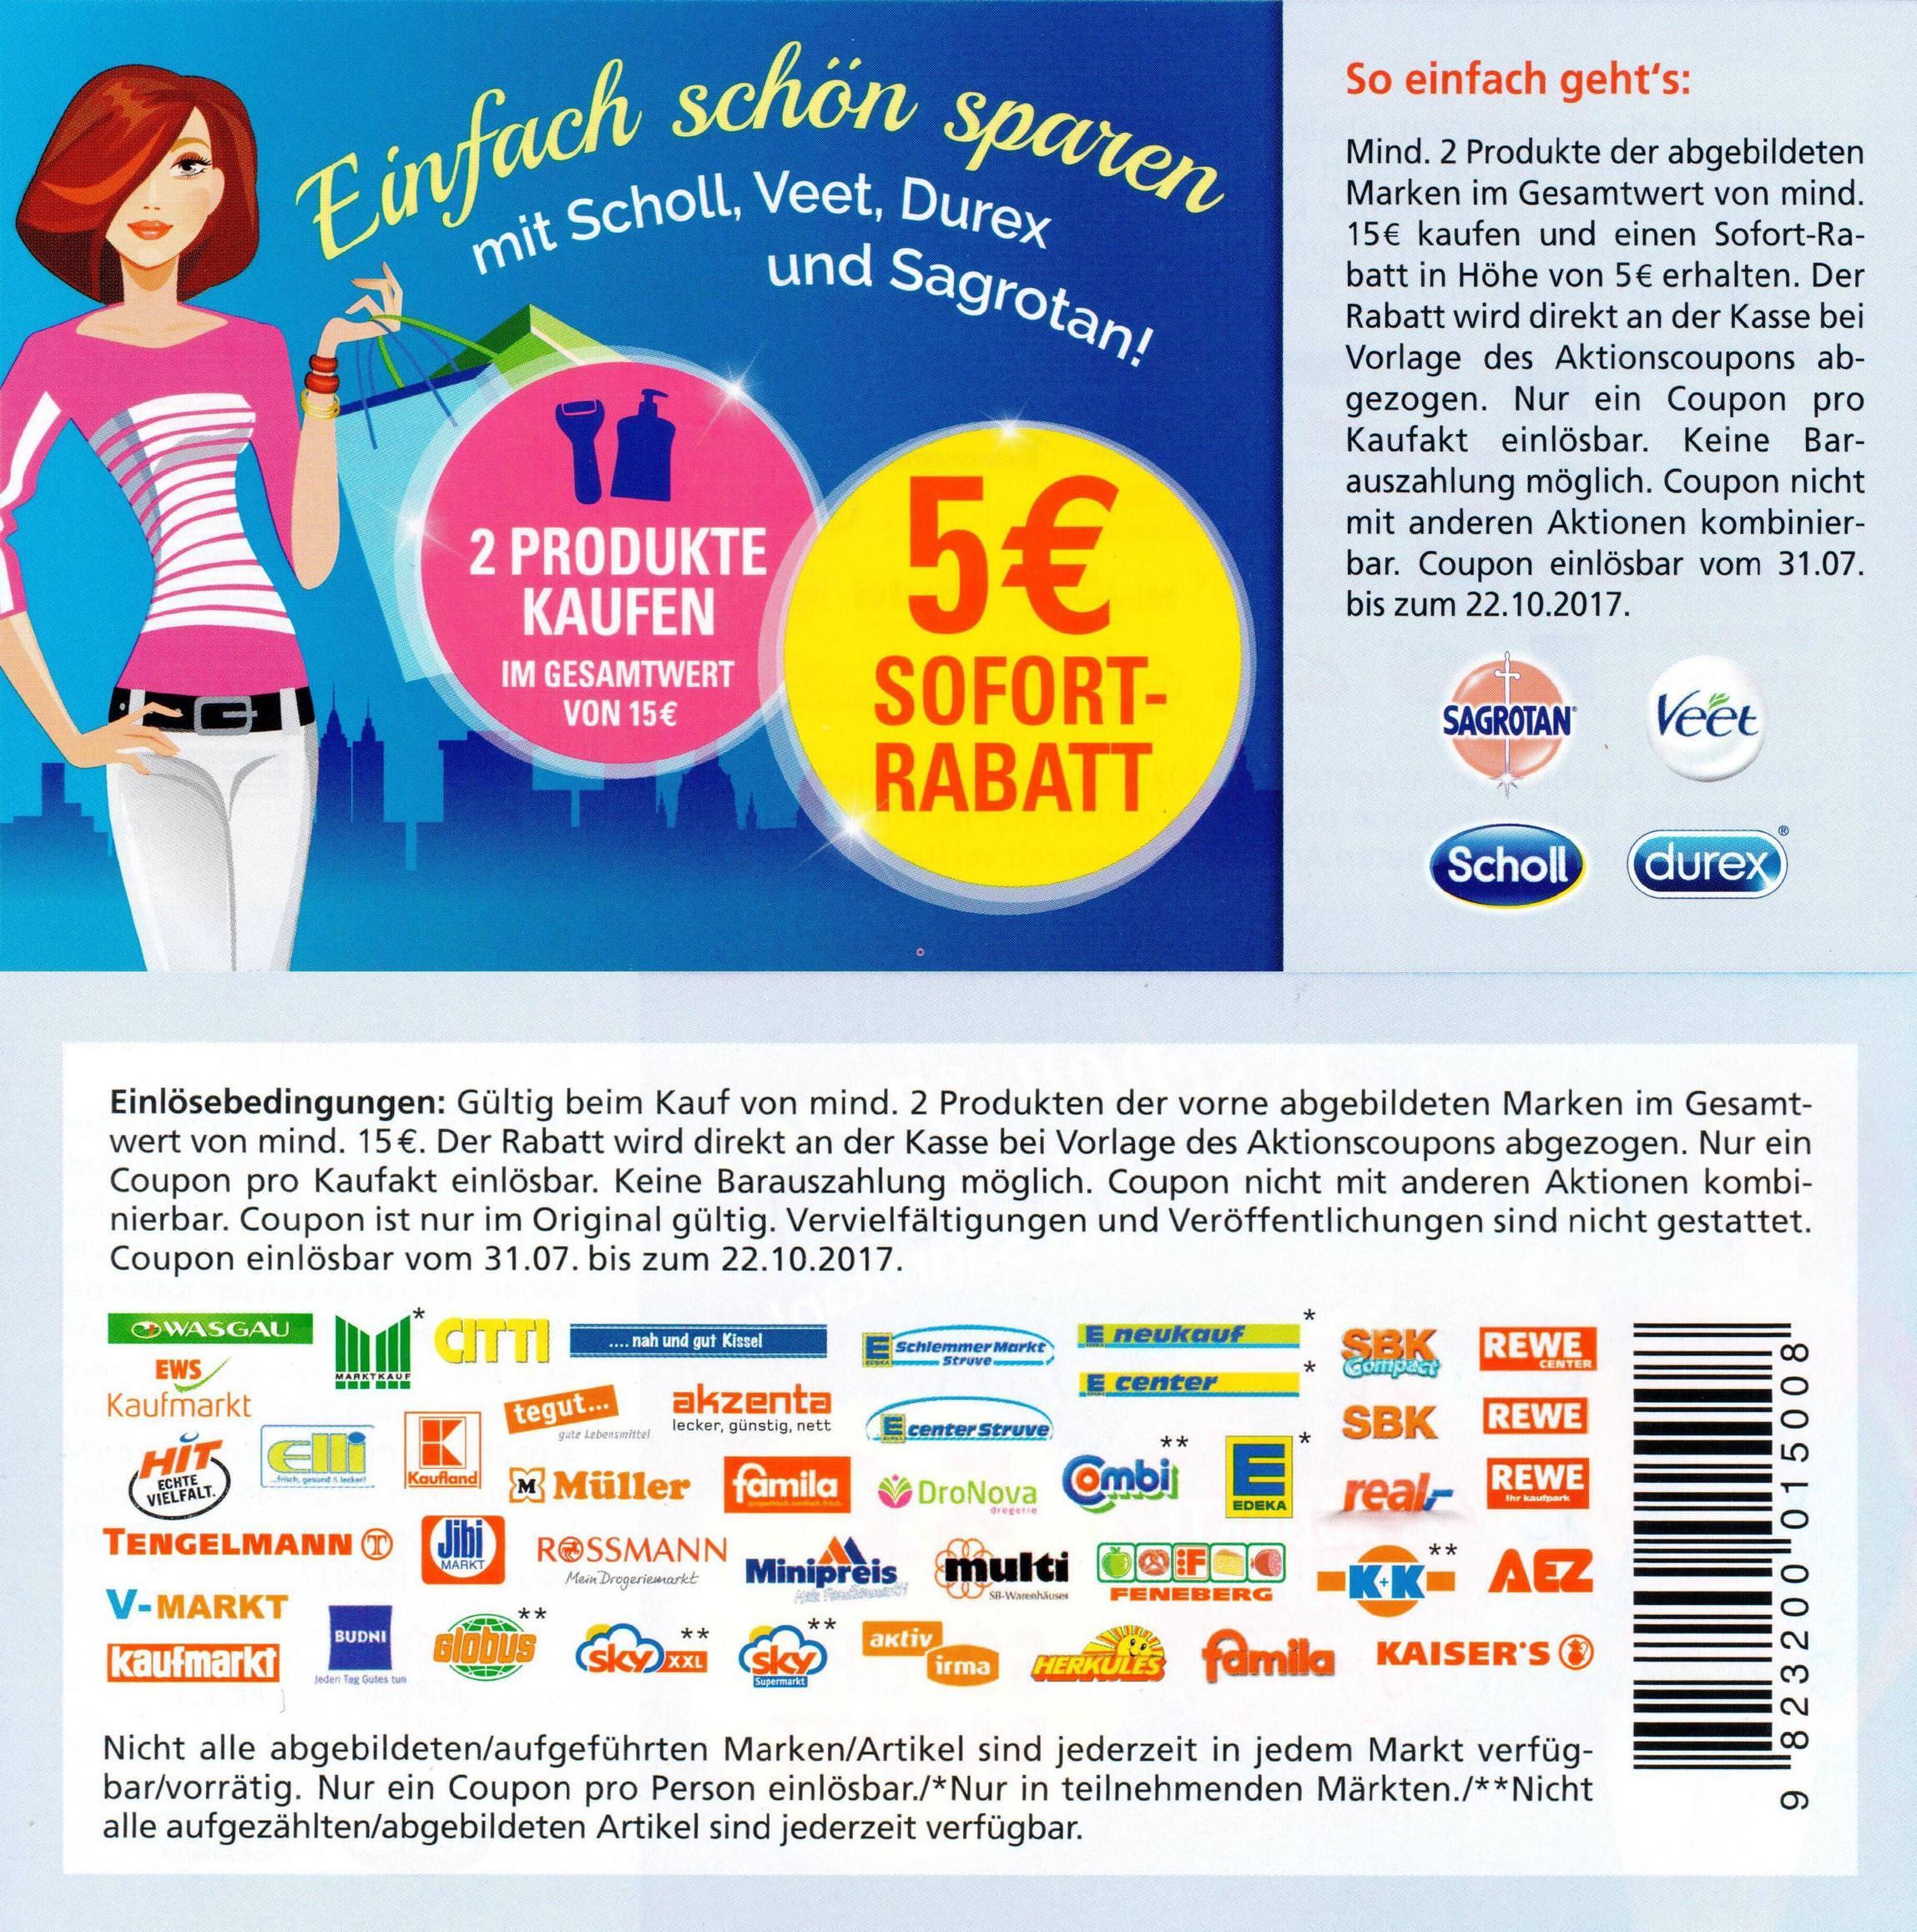 5,00€ Sofort-Rabatt-Coupon für 2 Produkte der Marken Durex / Sagrotan / Scholl / Veet im Wert von 15,00€ bis 22.10.2017 [bundesweit]